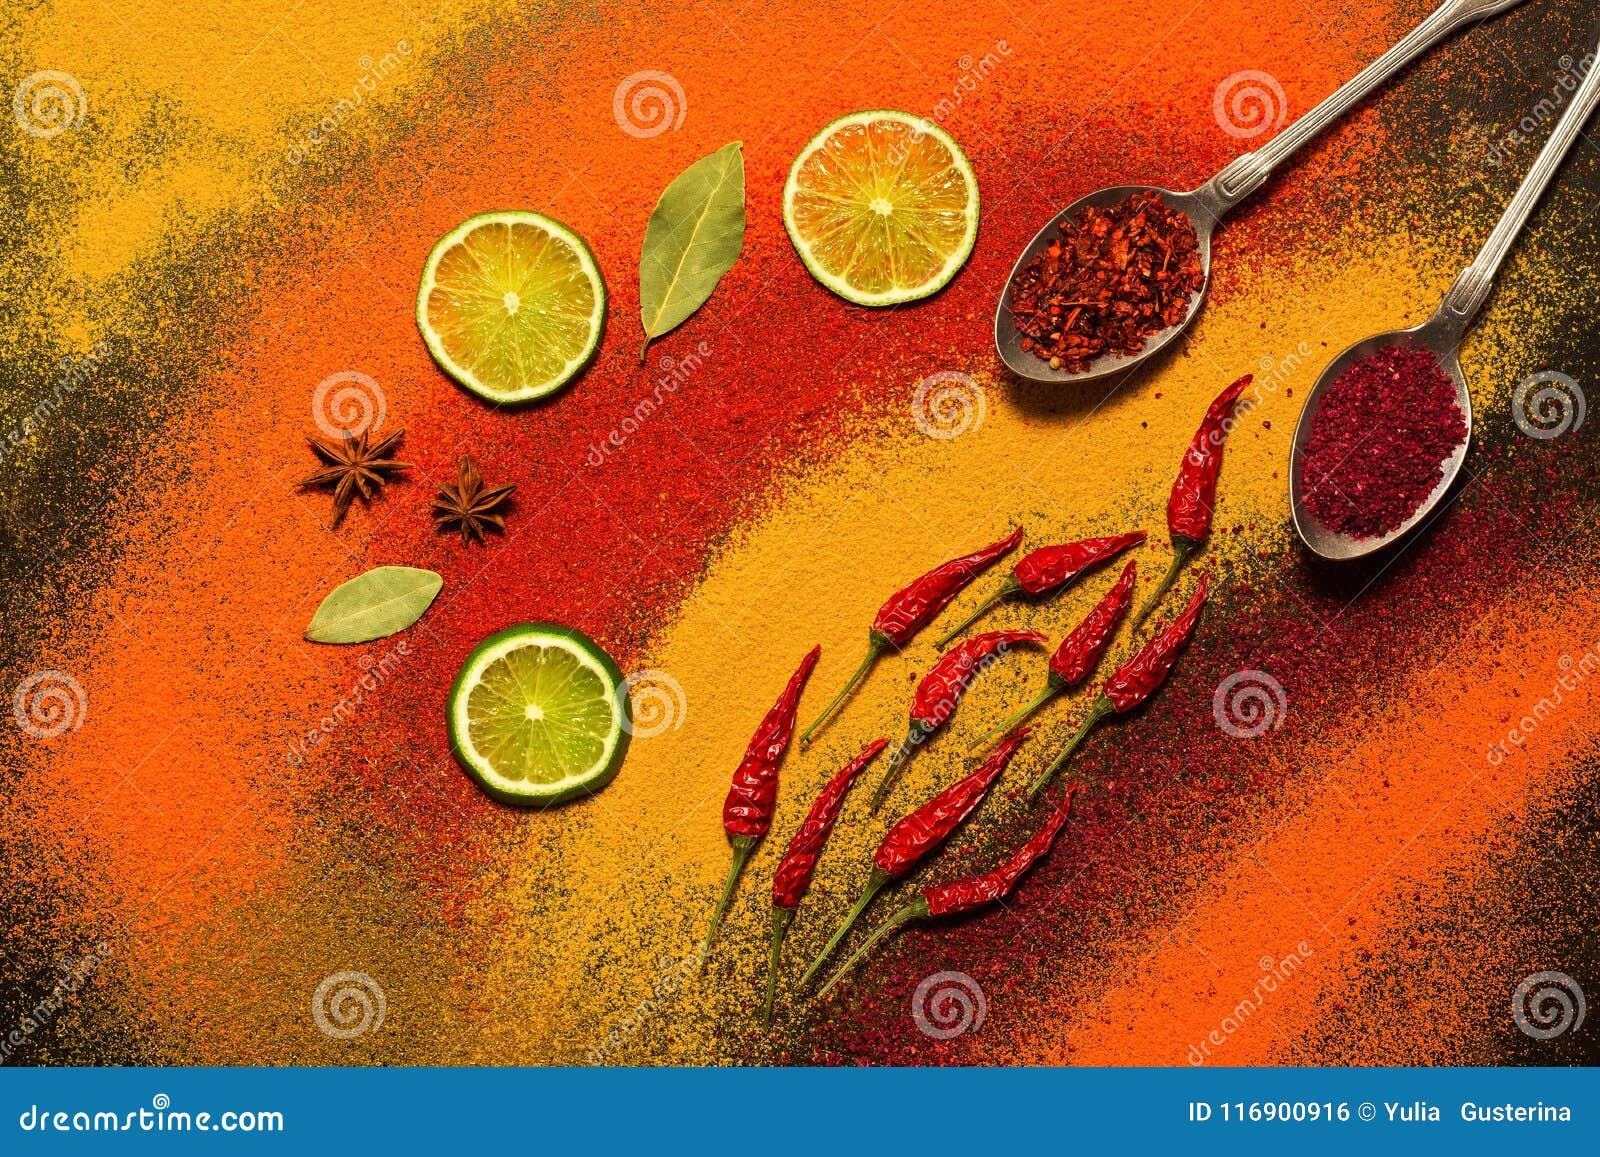 Bakgrund av olika kryddor, rött som är orange, guling Paprika gurkmeja, anis, lagerblad, chilipeppar, limefrukt, saffran Blandat